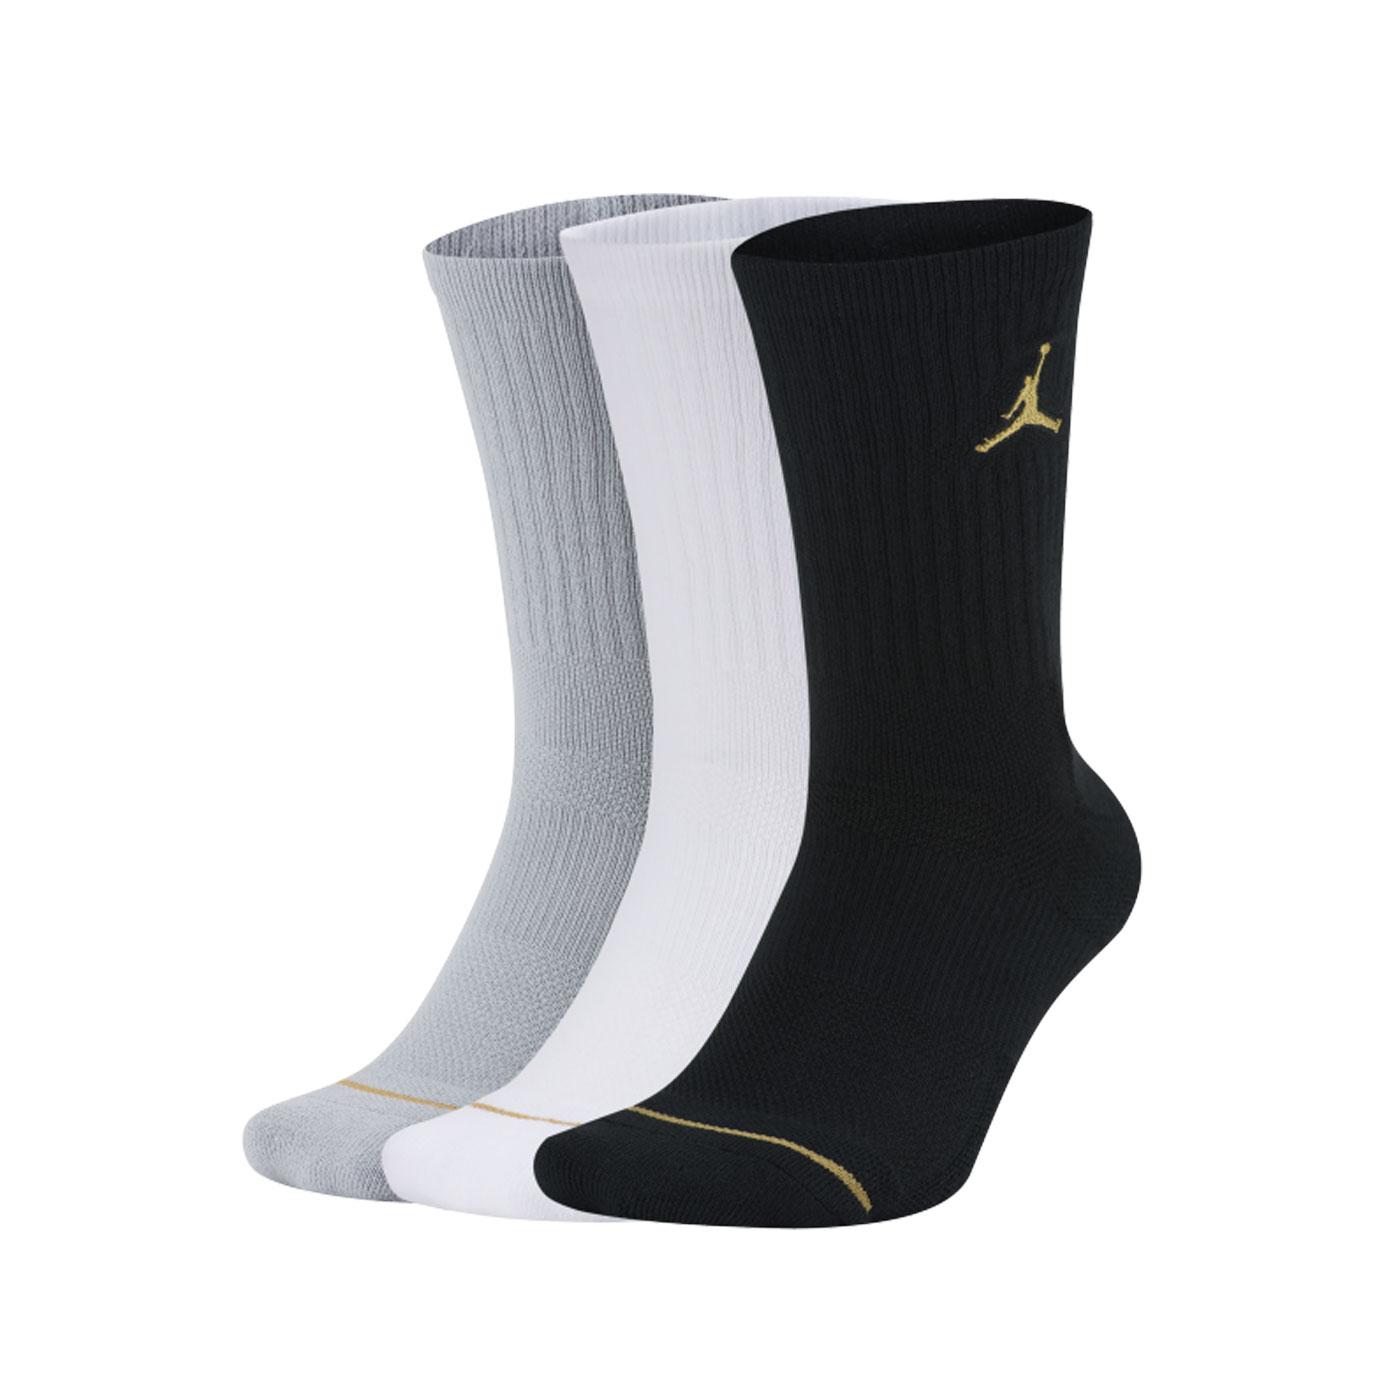 NIKE 長襪(三入裝) SX5545-915